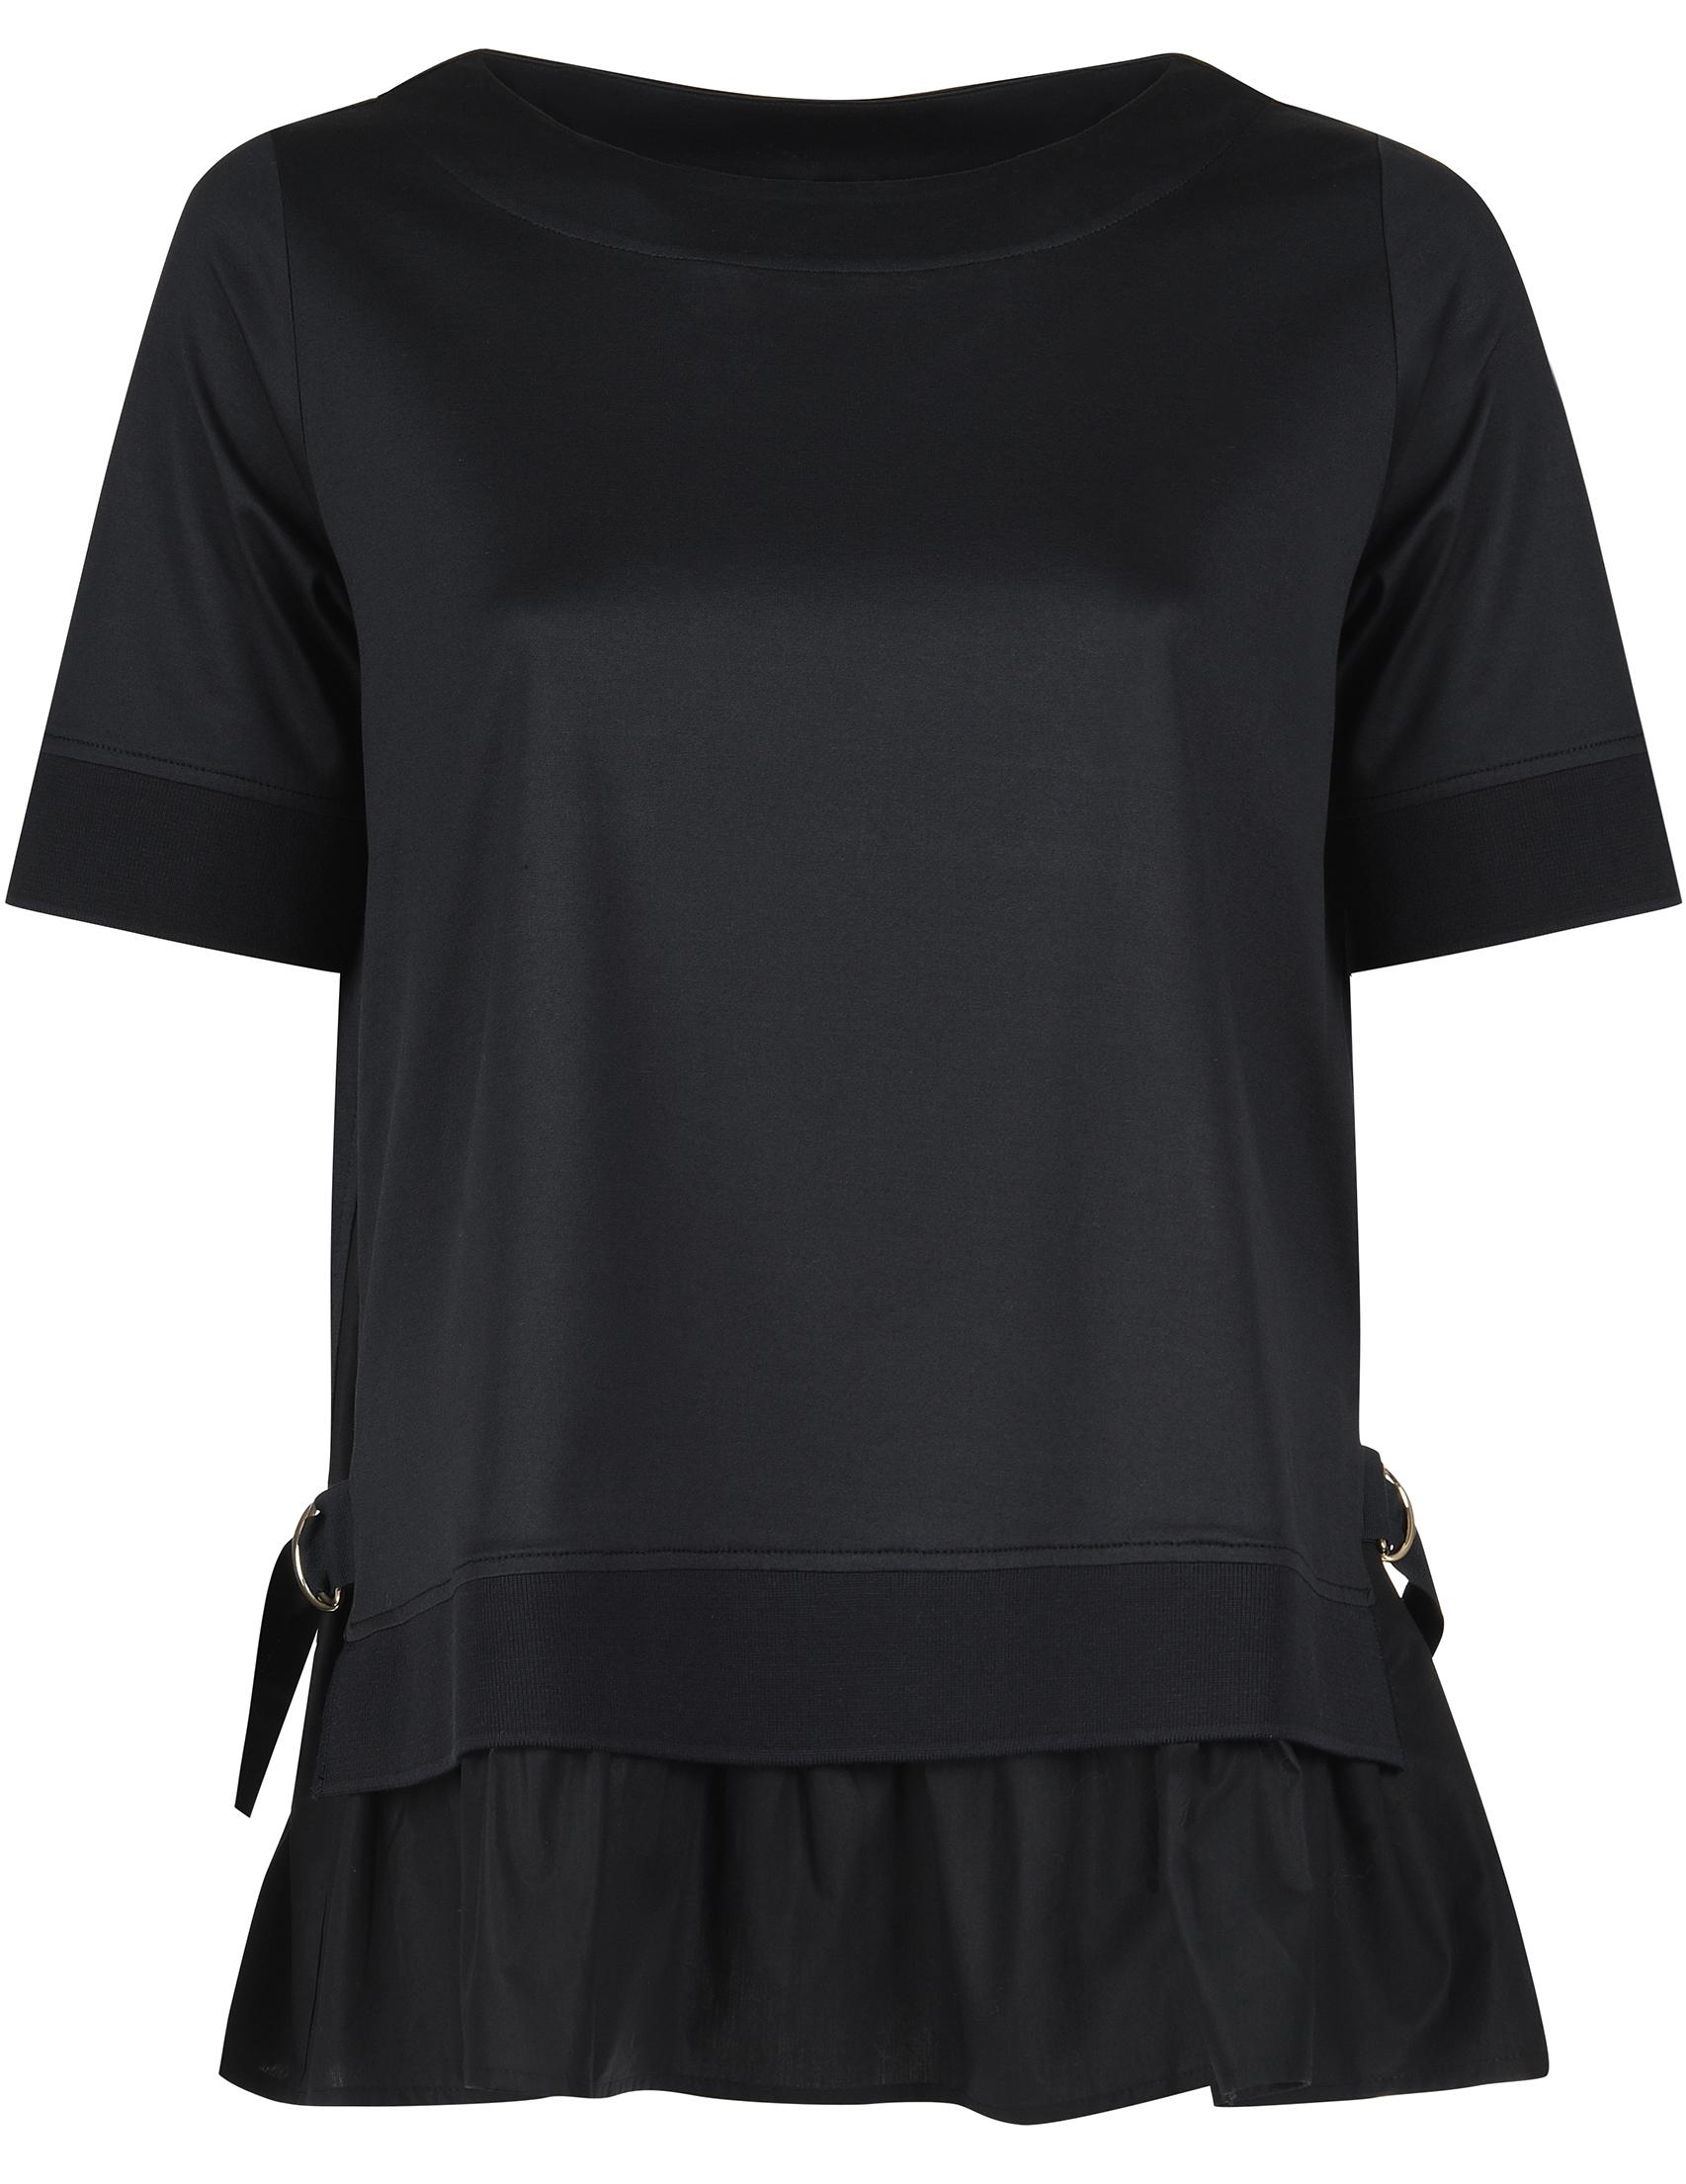 Купить Блуза, BOGNER, Черный, 100%Хлопок, Весна-Лето